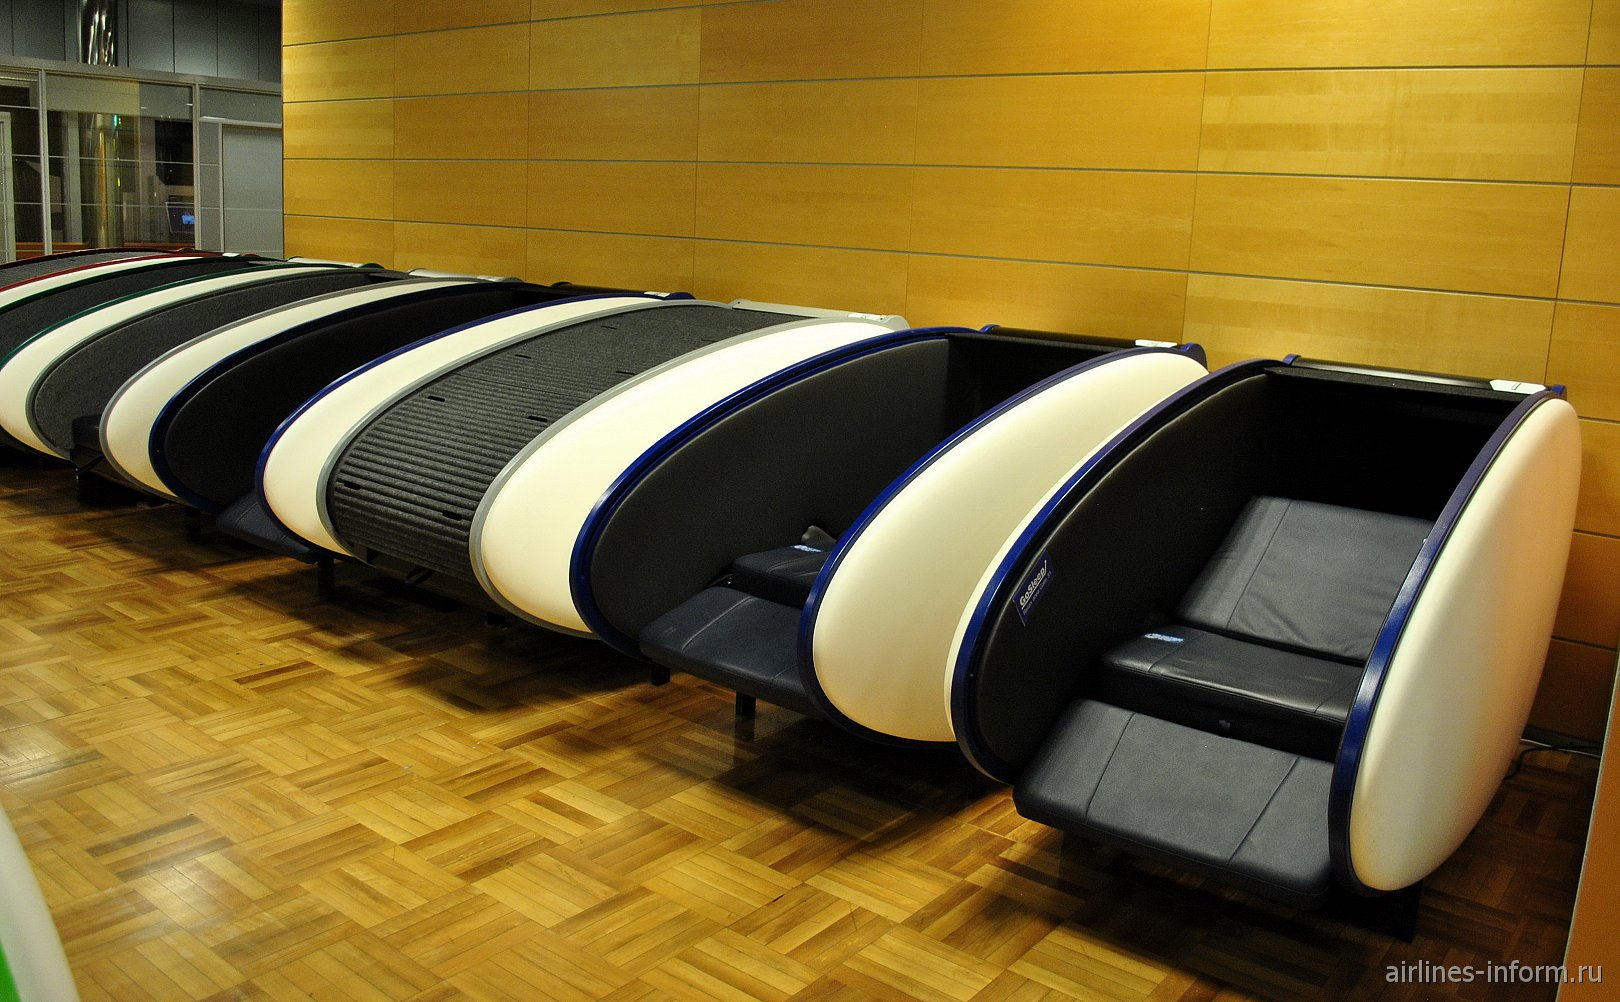 Капсульные спальные места в чистой зоне терминала Т2 аэропорта Хельсинки Вантаа